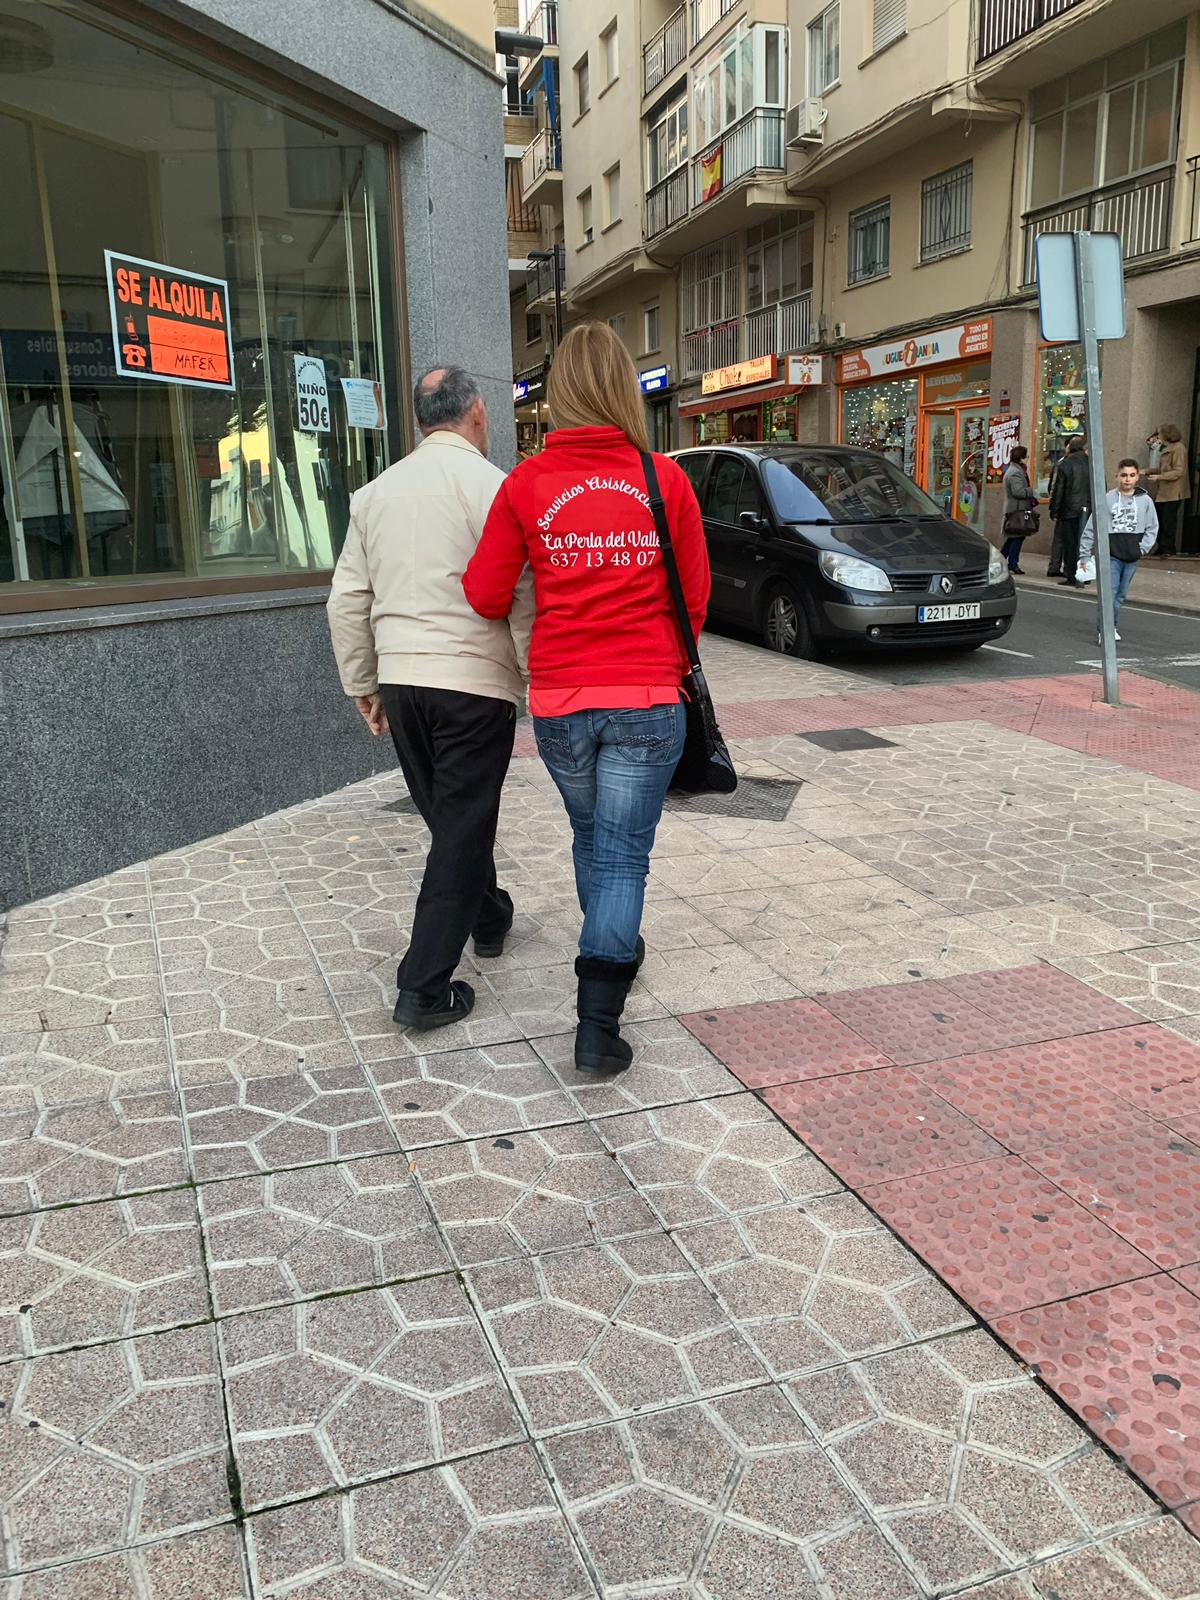 España Servicios asistenciales en Plasencia La Perla del valle